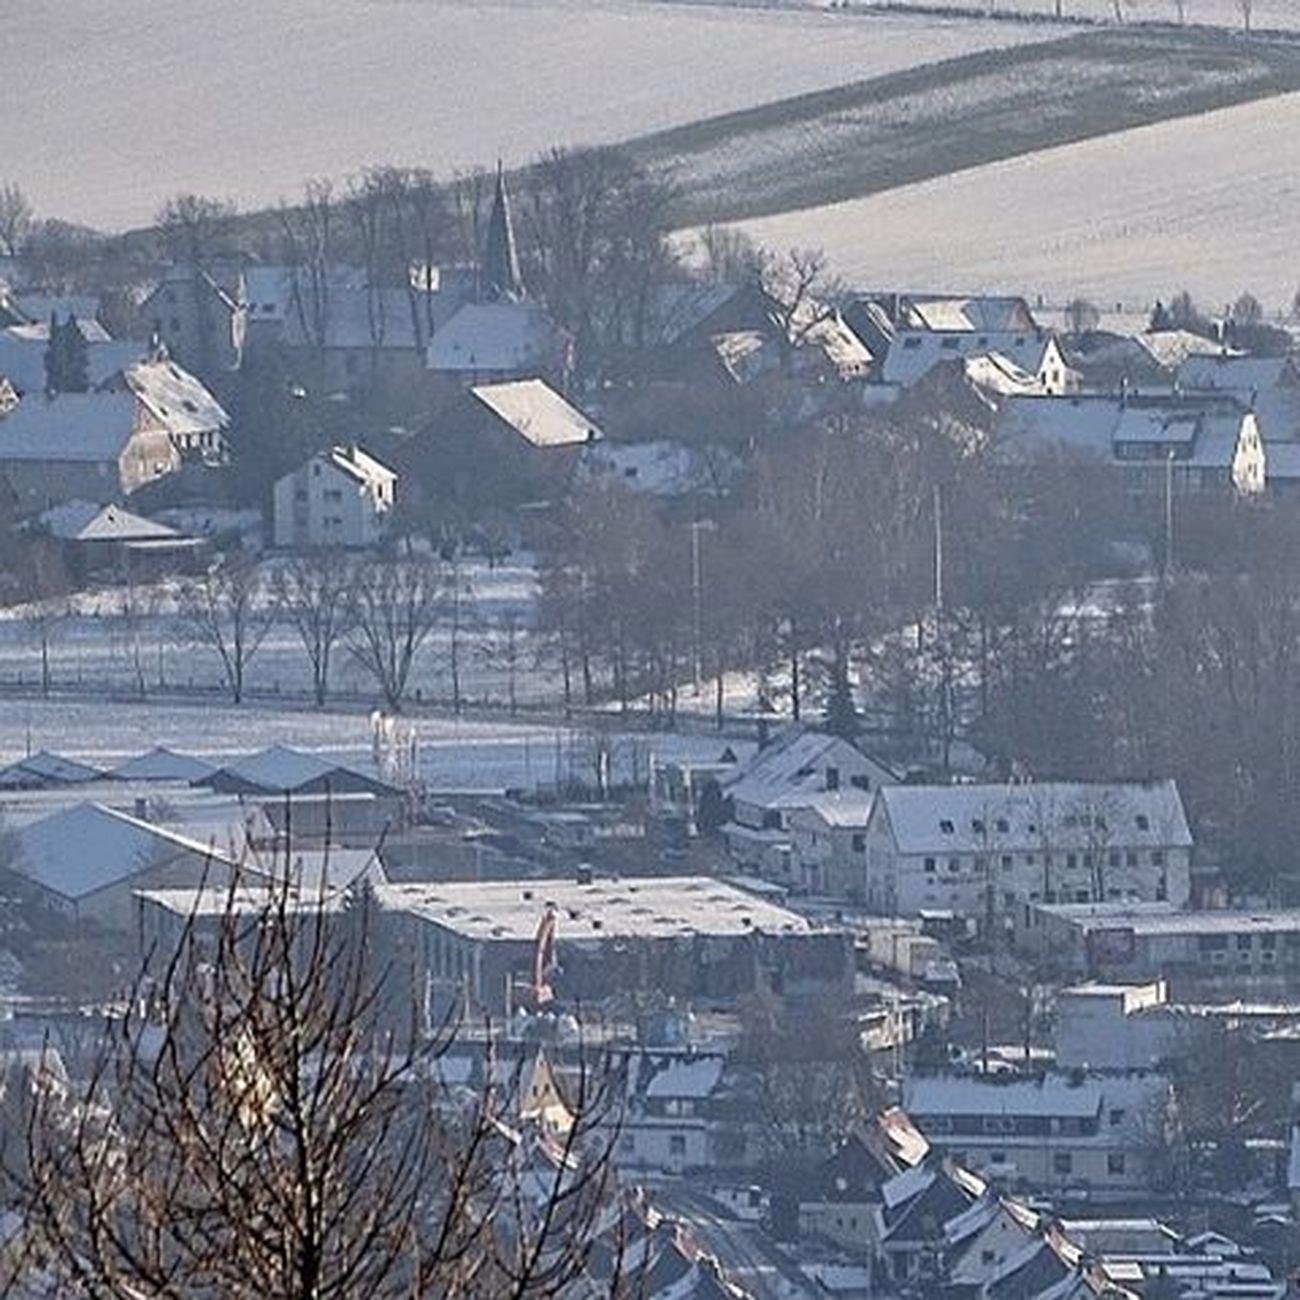 Salzdetfurth Wehrstedt Winter